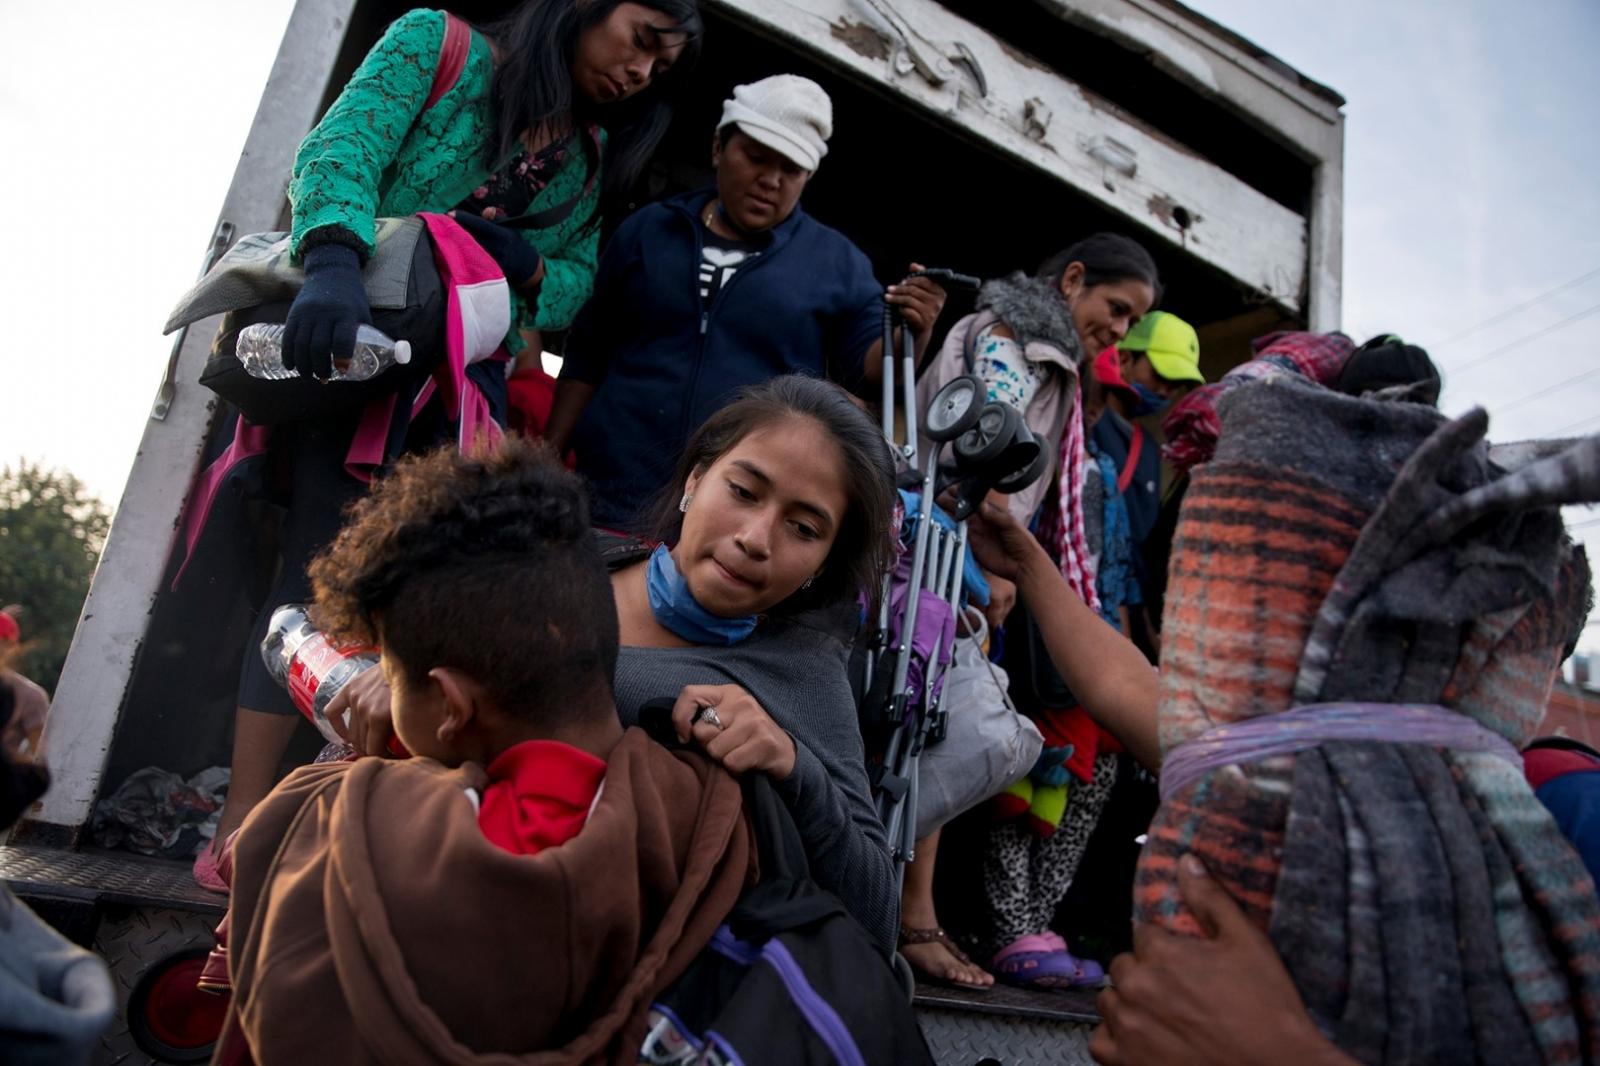 La llegada de 9.000 migrantes más colapsa la ciudad de Tijuana